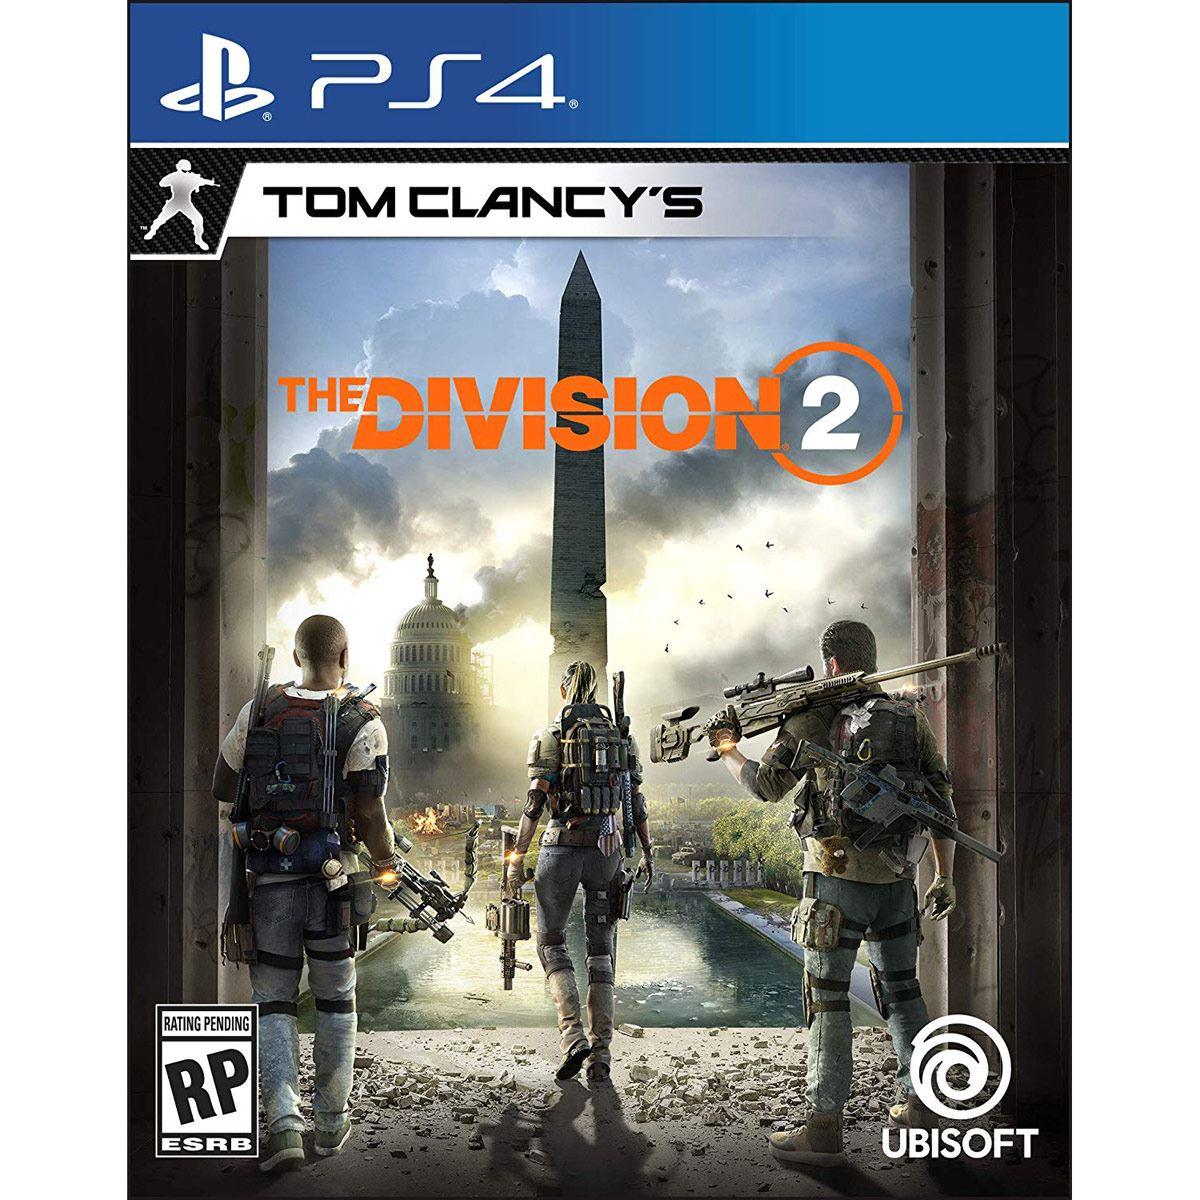 Bodega Aurrera: The Division 2 para PS4